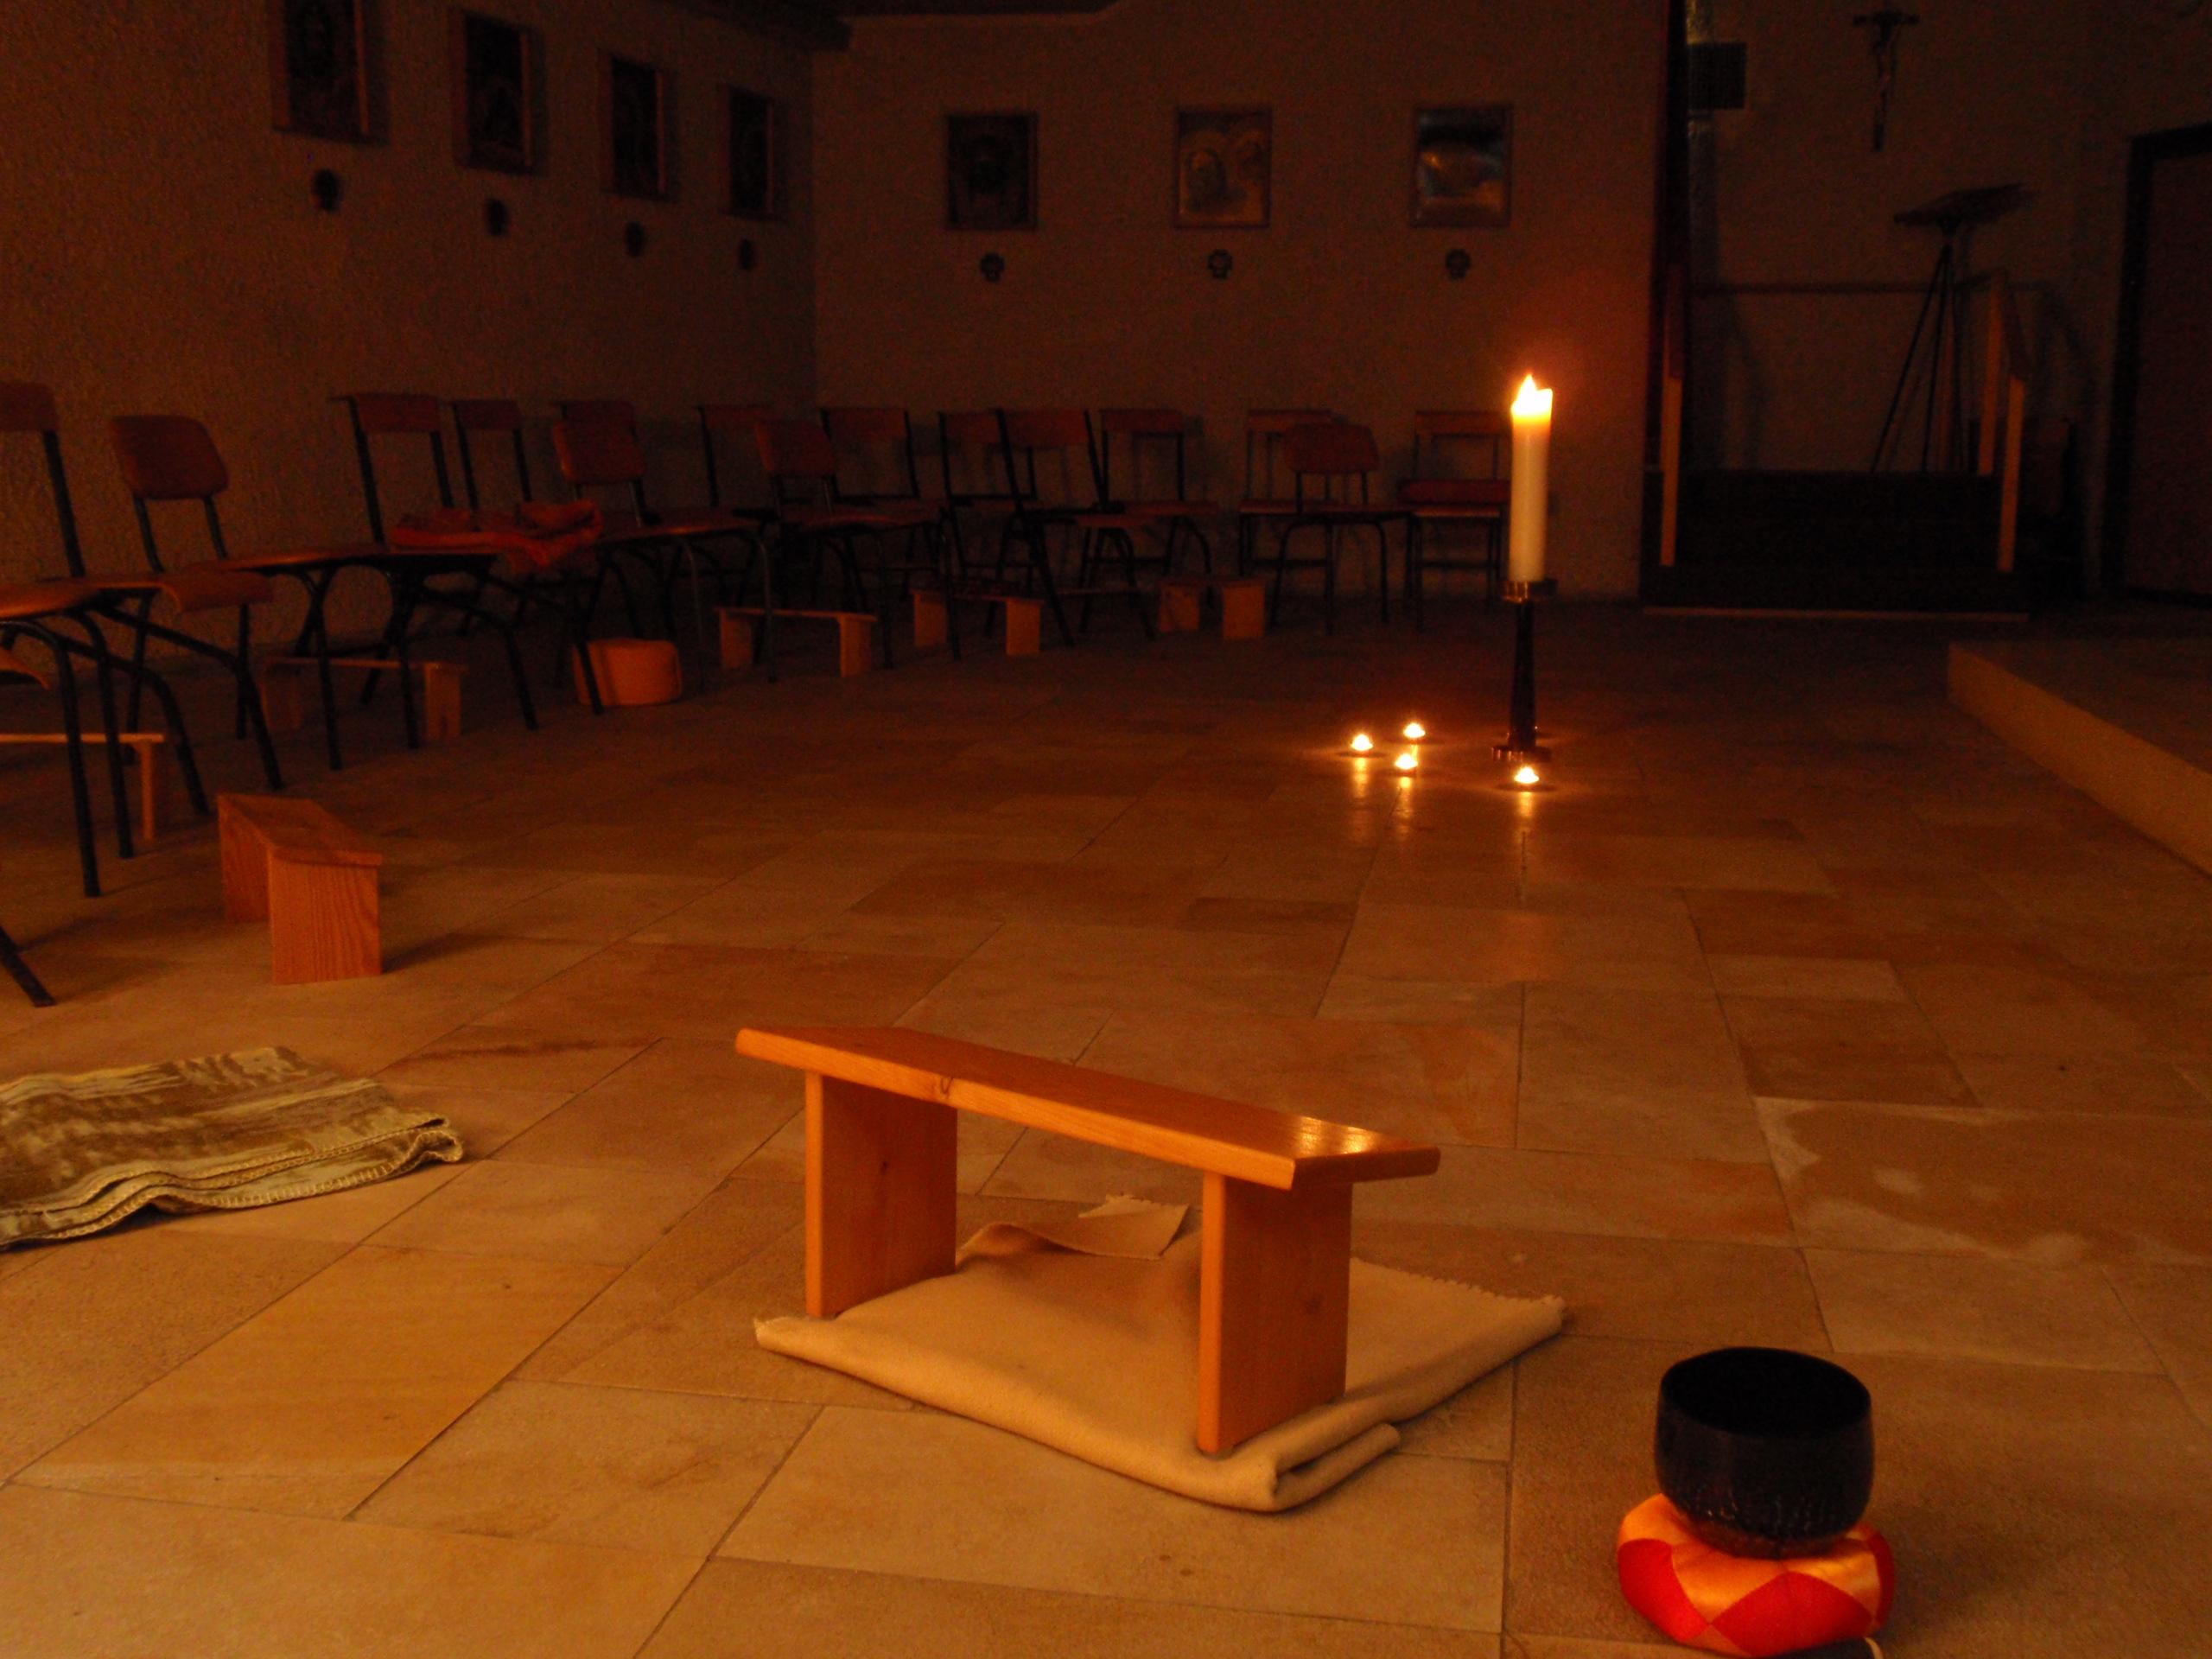 Gebetsschemel in einem schwach beleuchteten Raum mit Kerzen